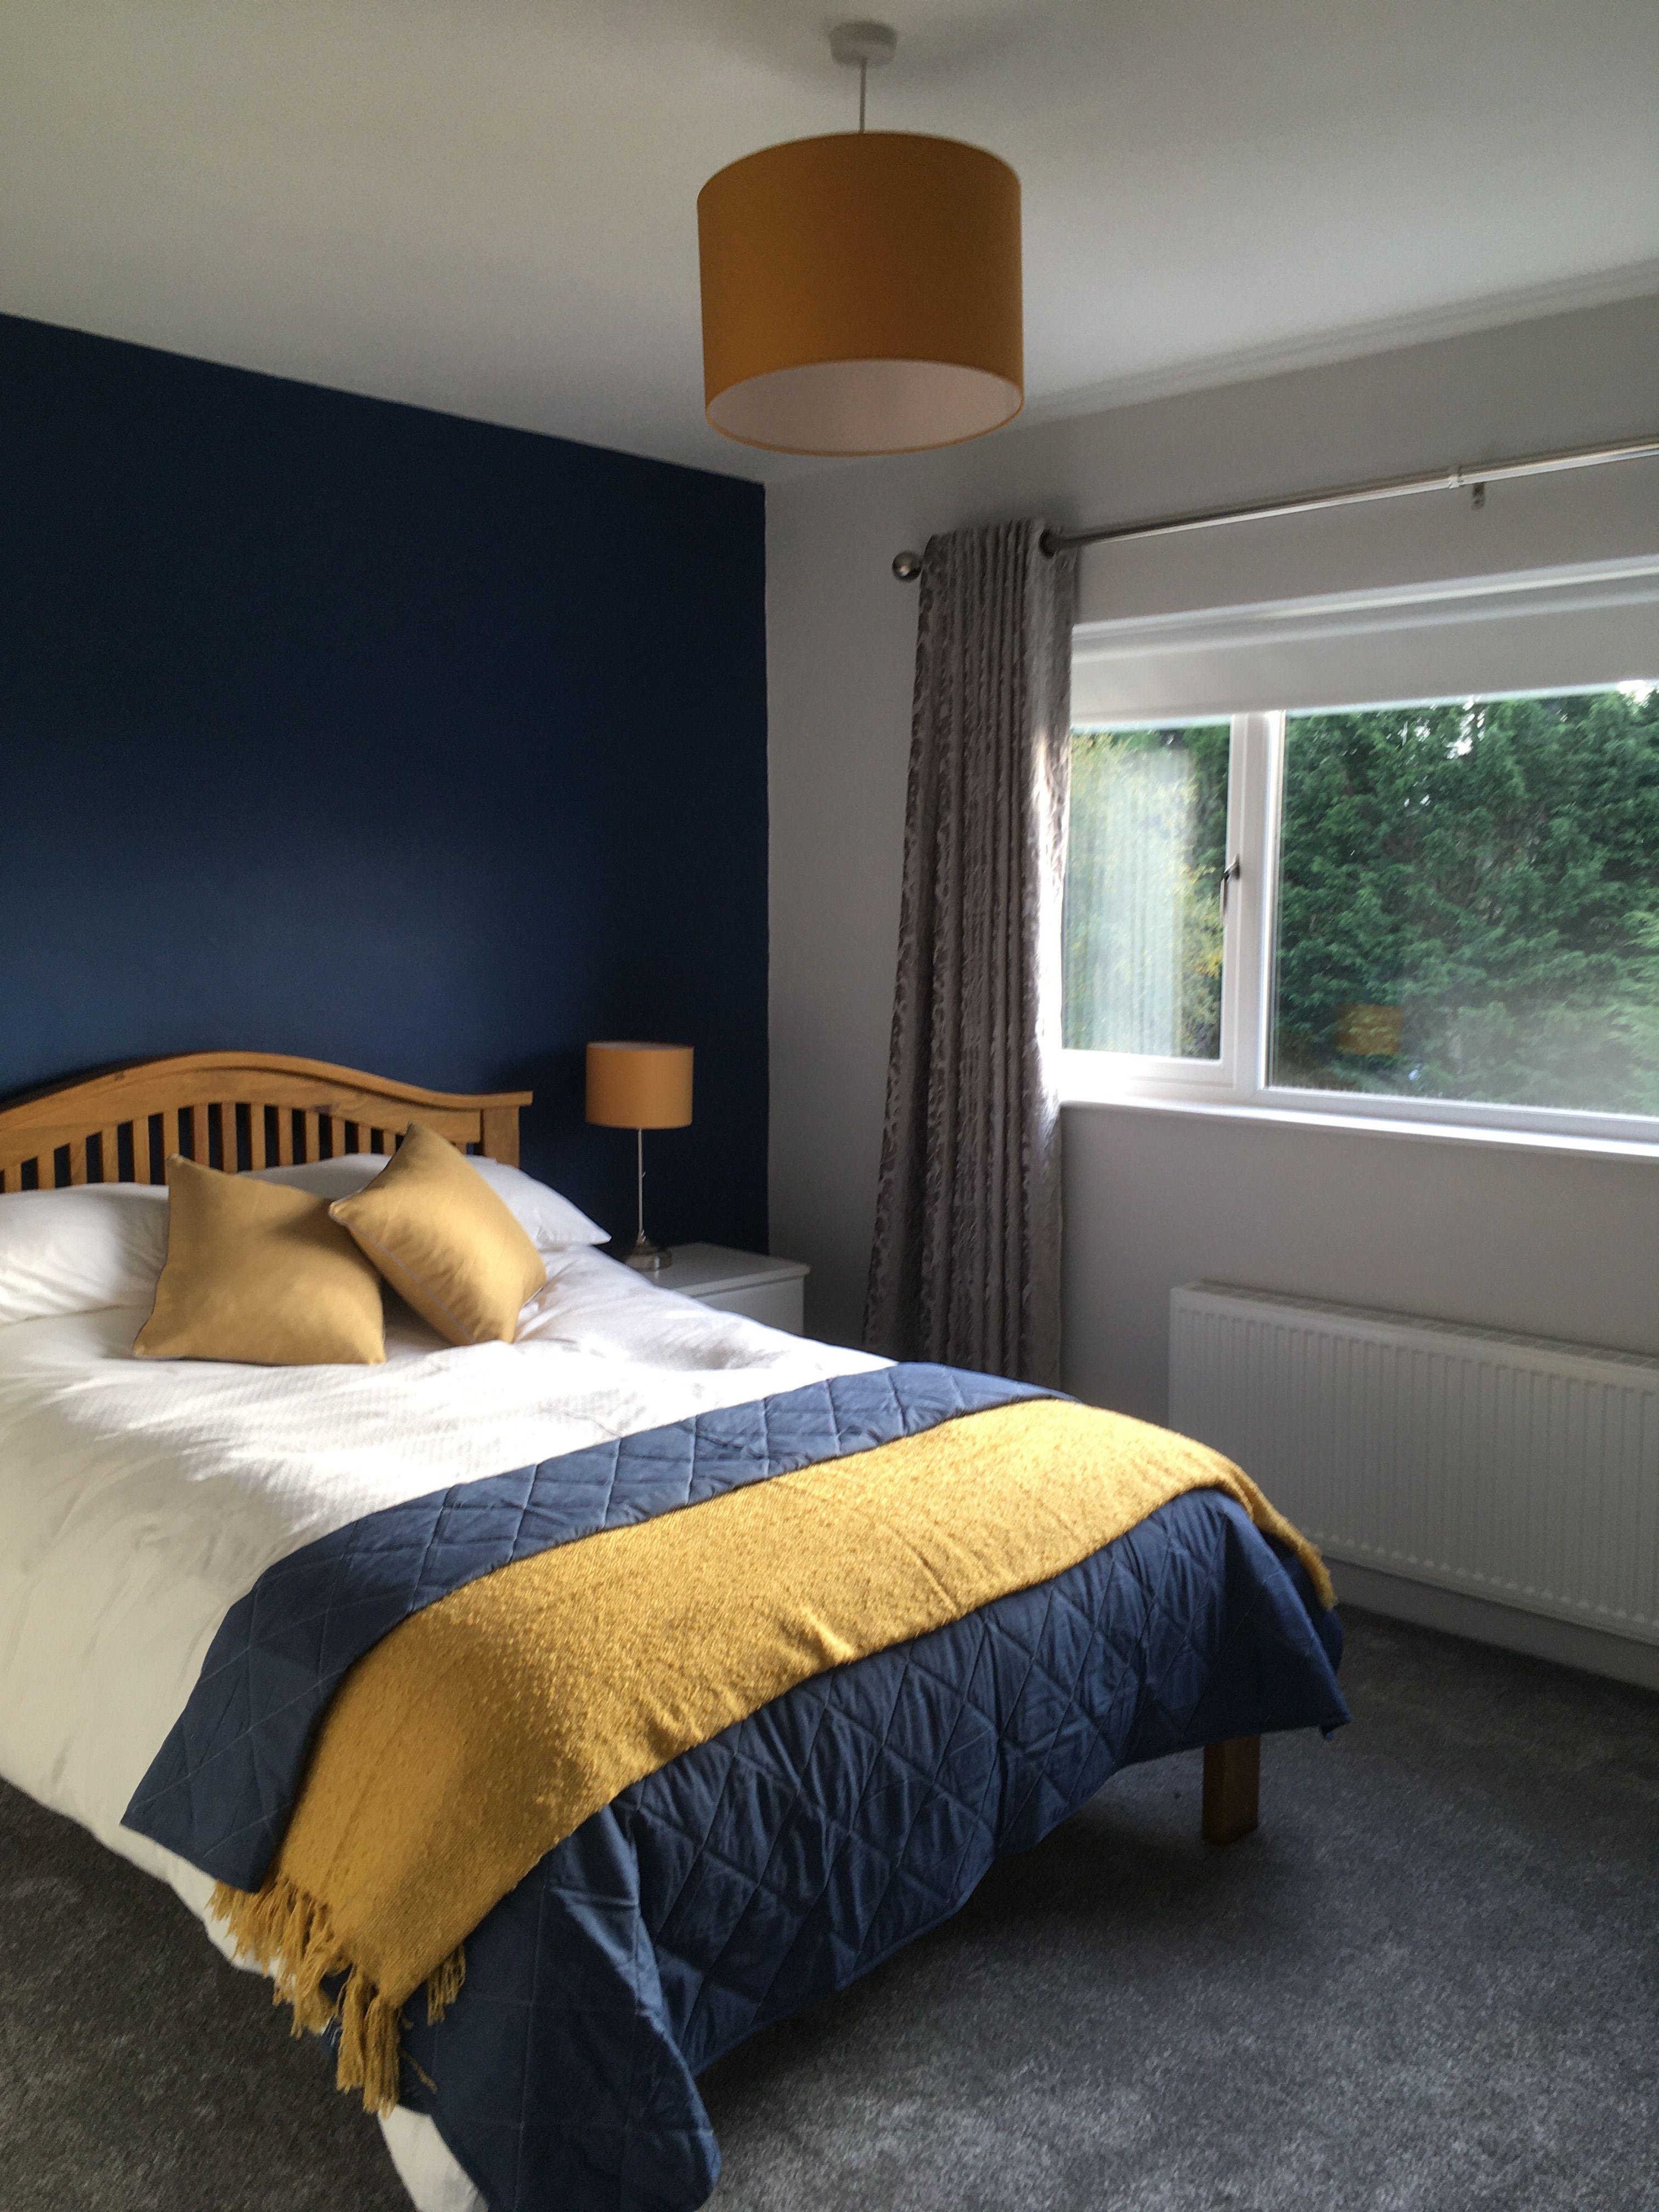 Bedroom in 8  Yellow master bedroom, Yellow bedroom decor